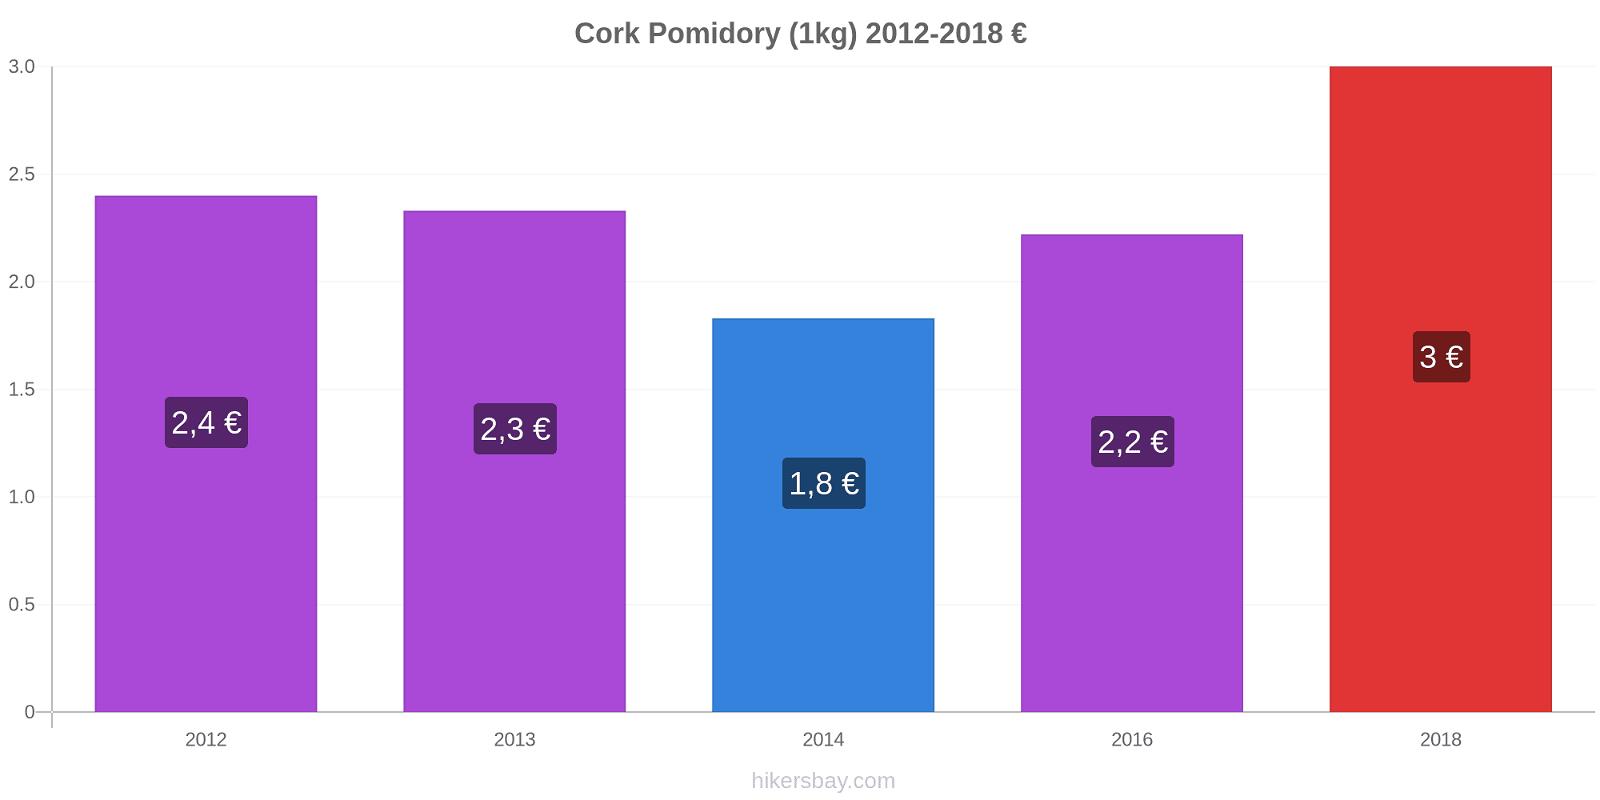 Cork zmiany cen Pomidory (1kg) hikersbay.com